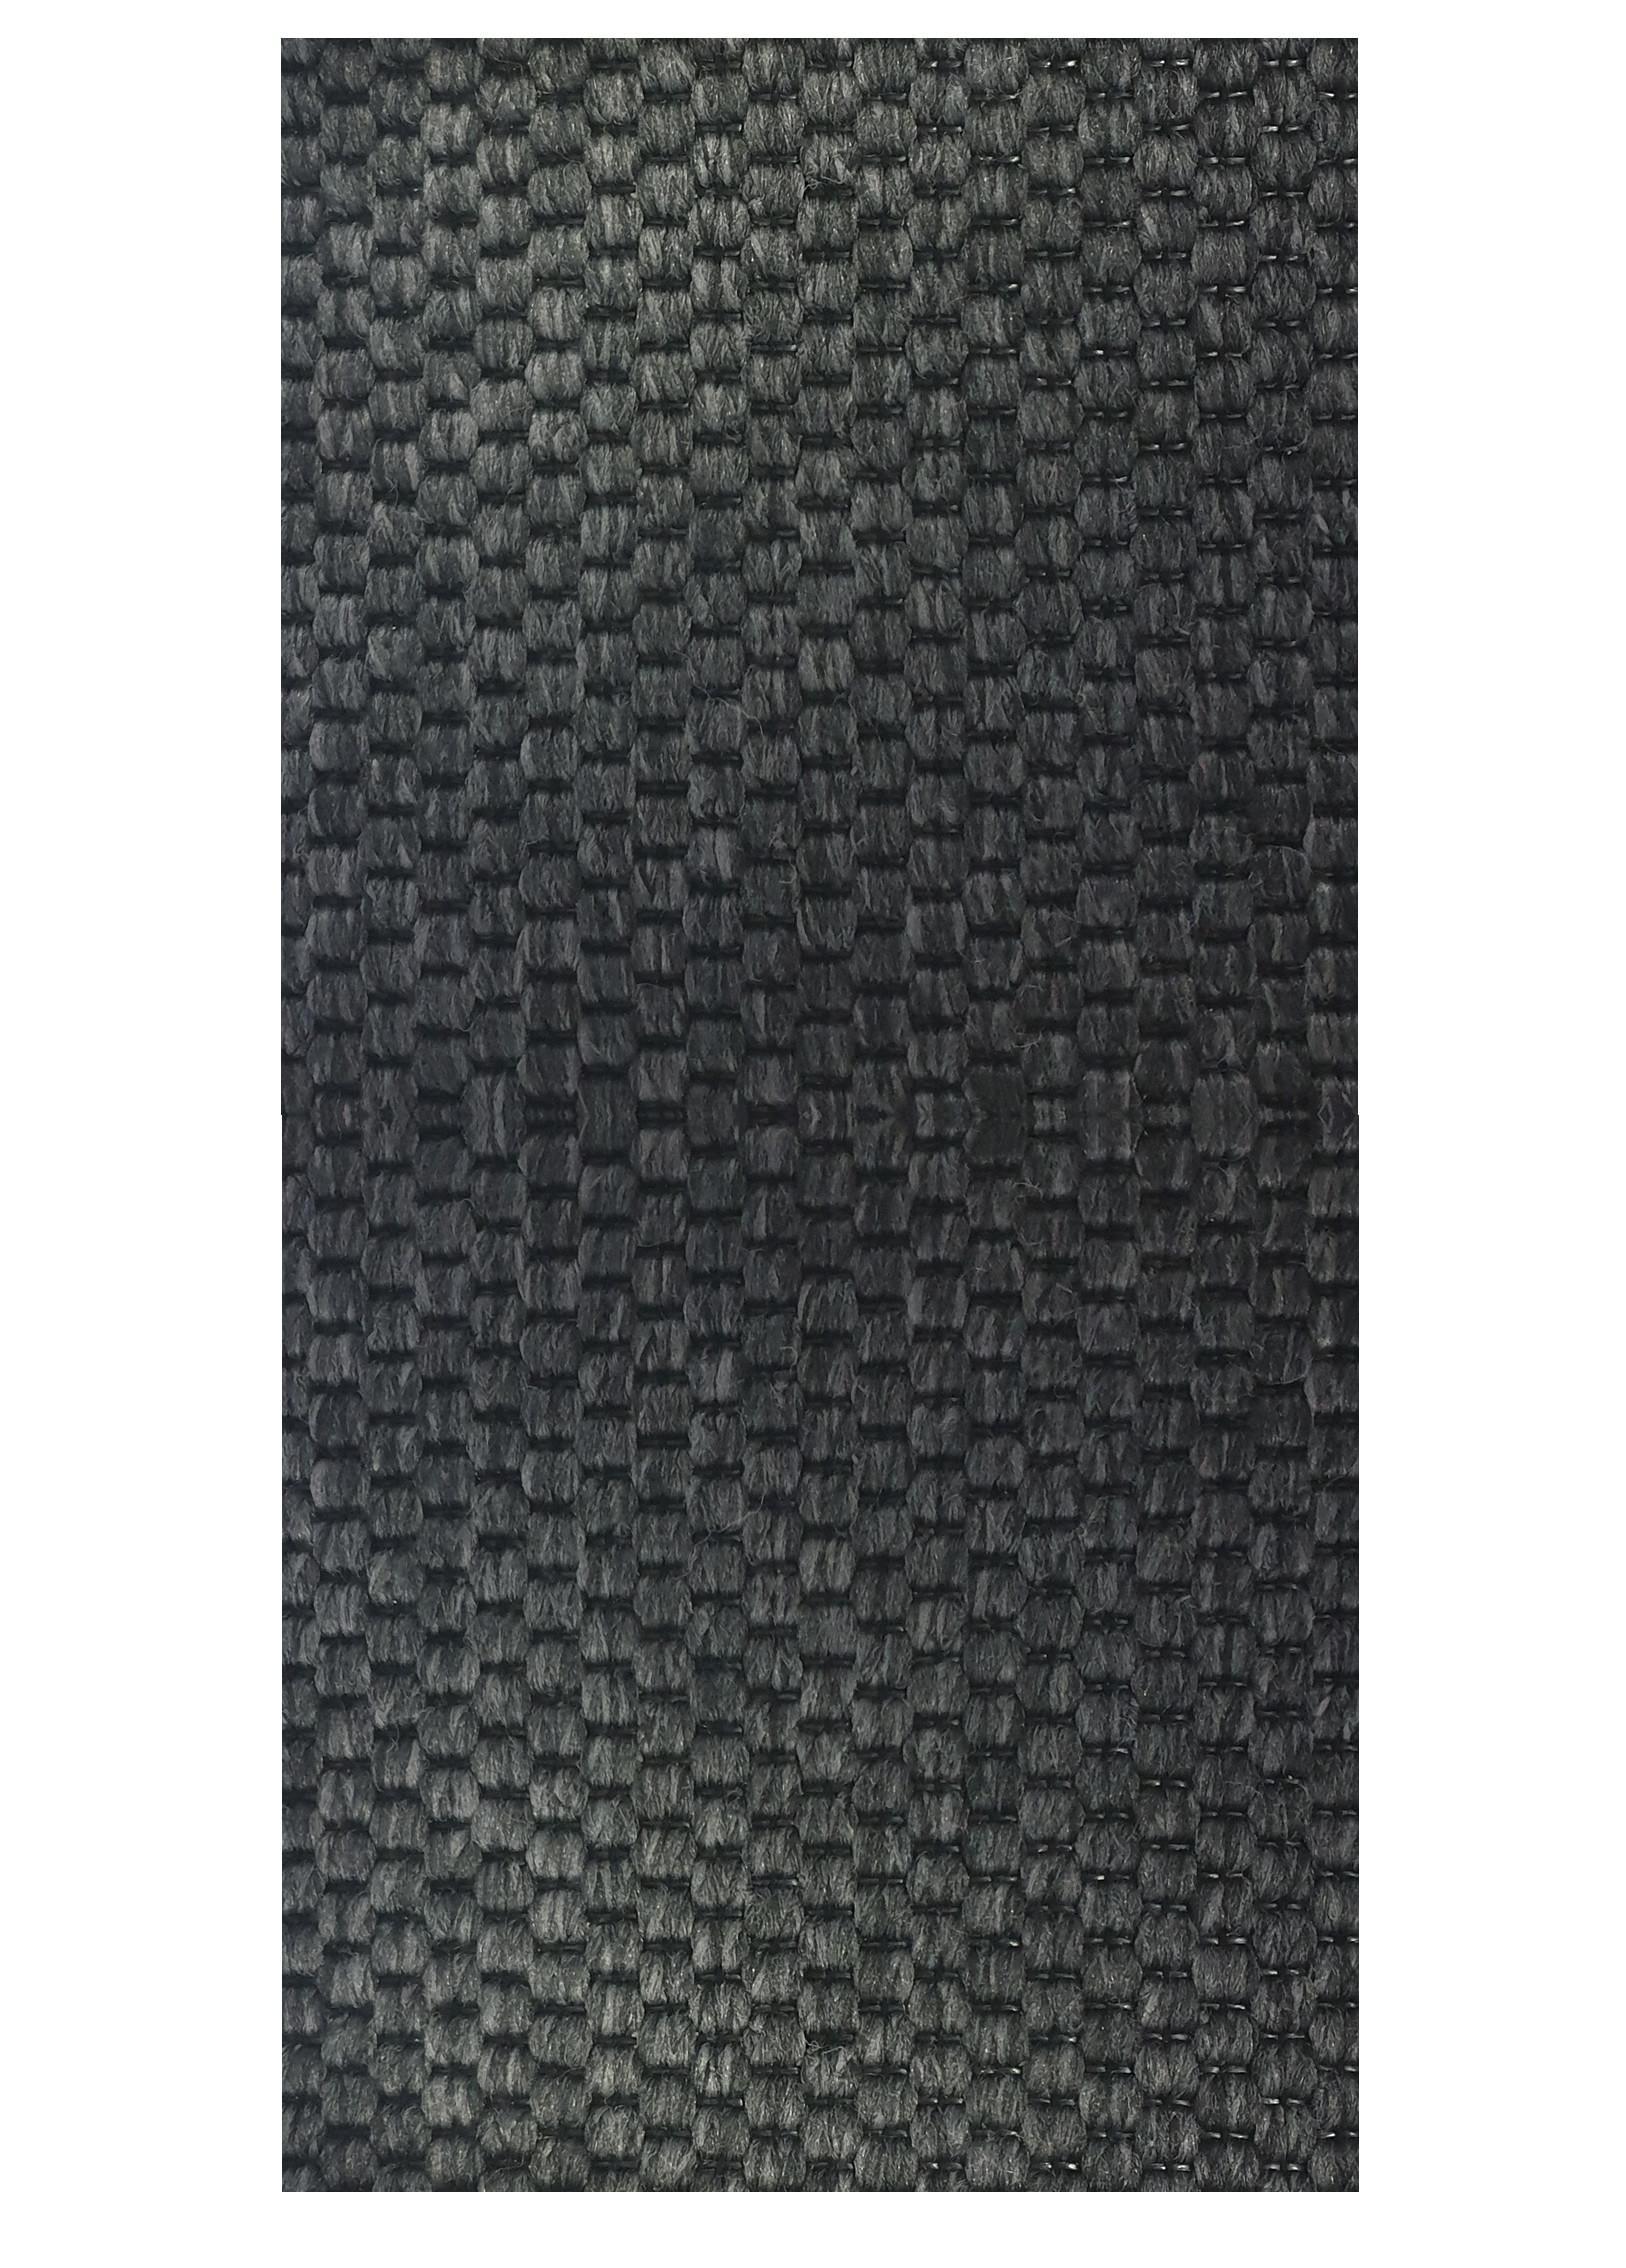 Vopi koberce Běhoun na míru Nature antracit - šíře 80 cm s obšitím